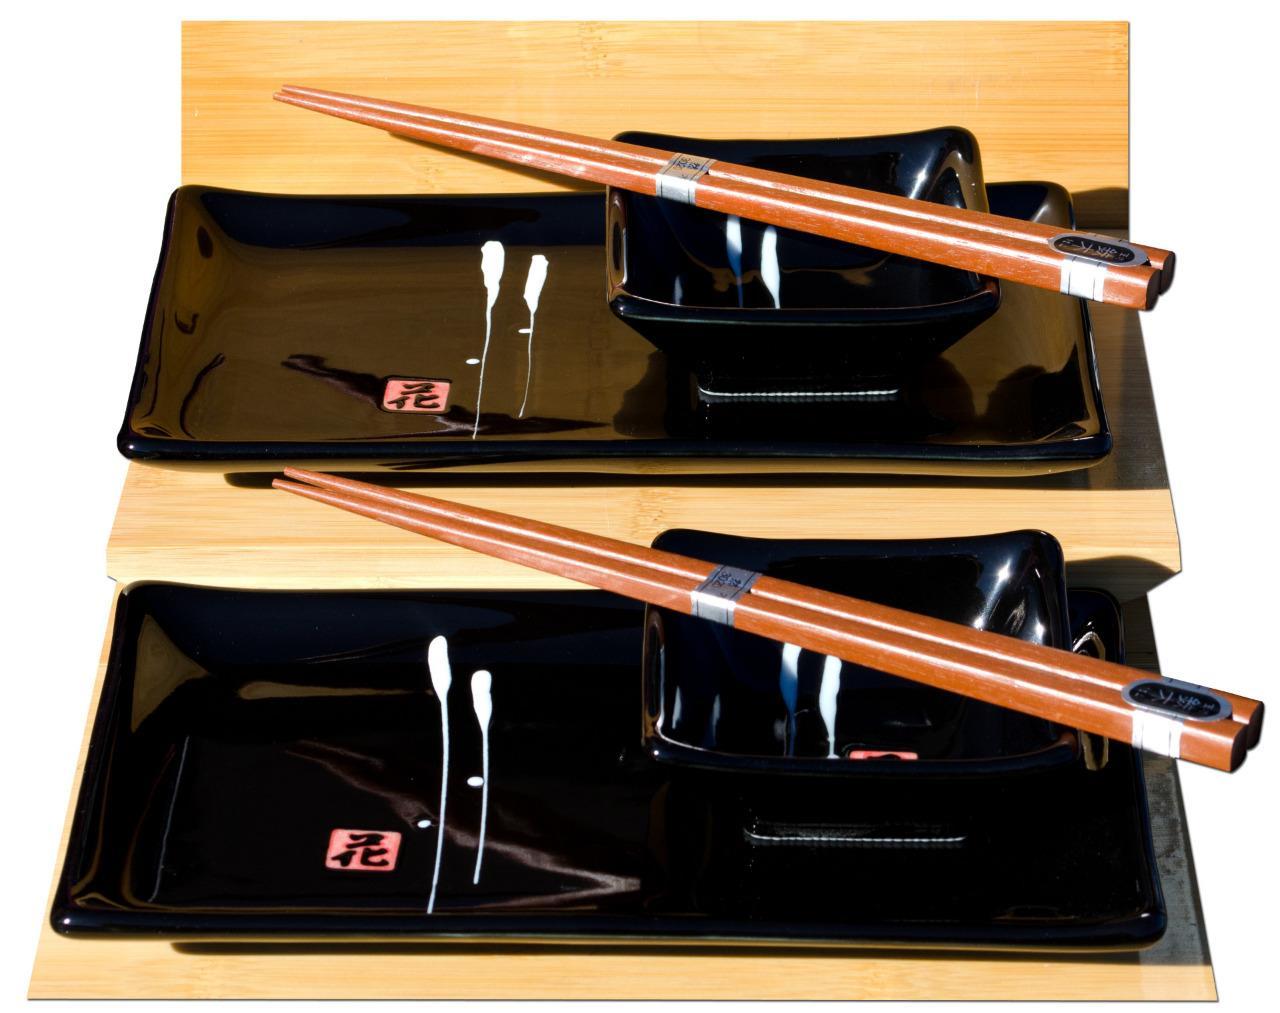 Sushi Set Black With White Japanese Calligraphy For 2 Ebay